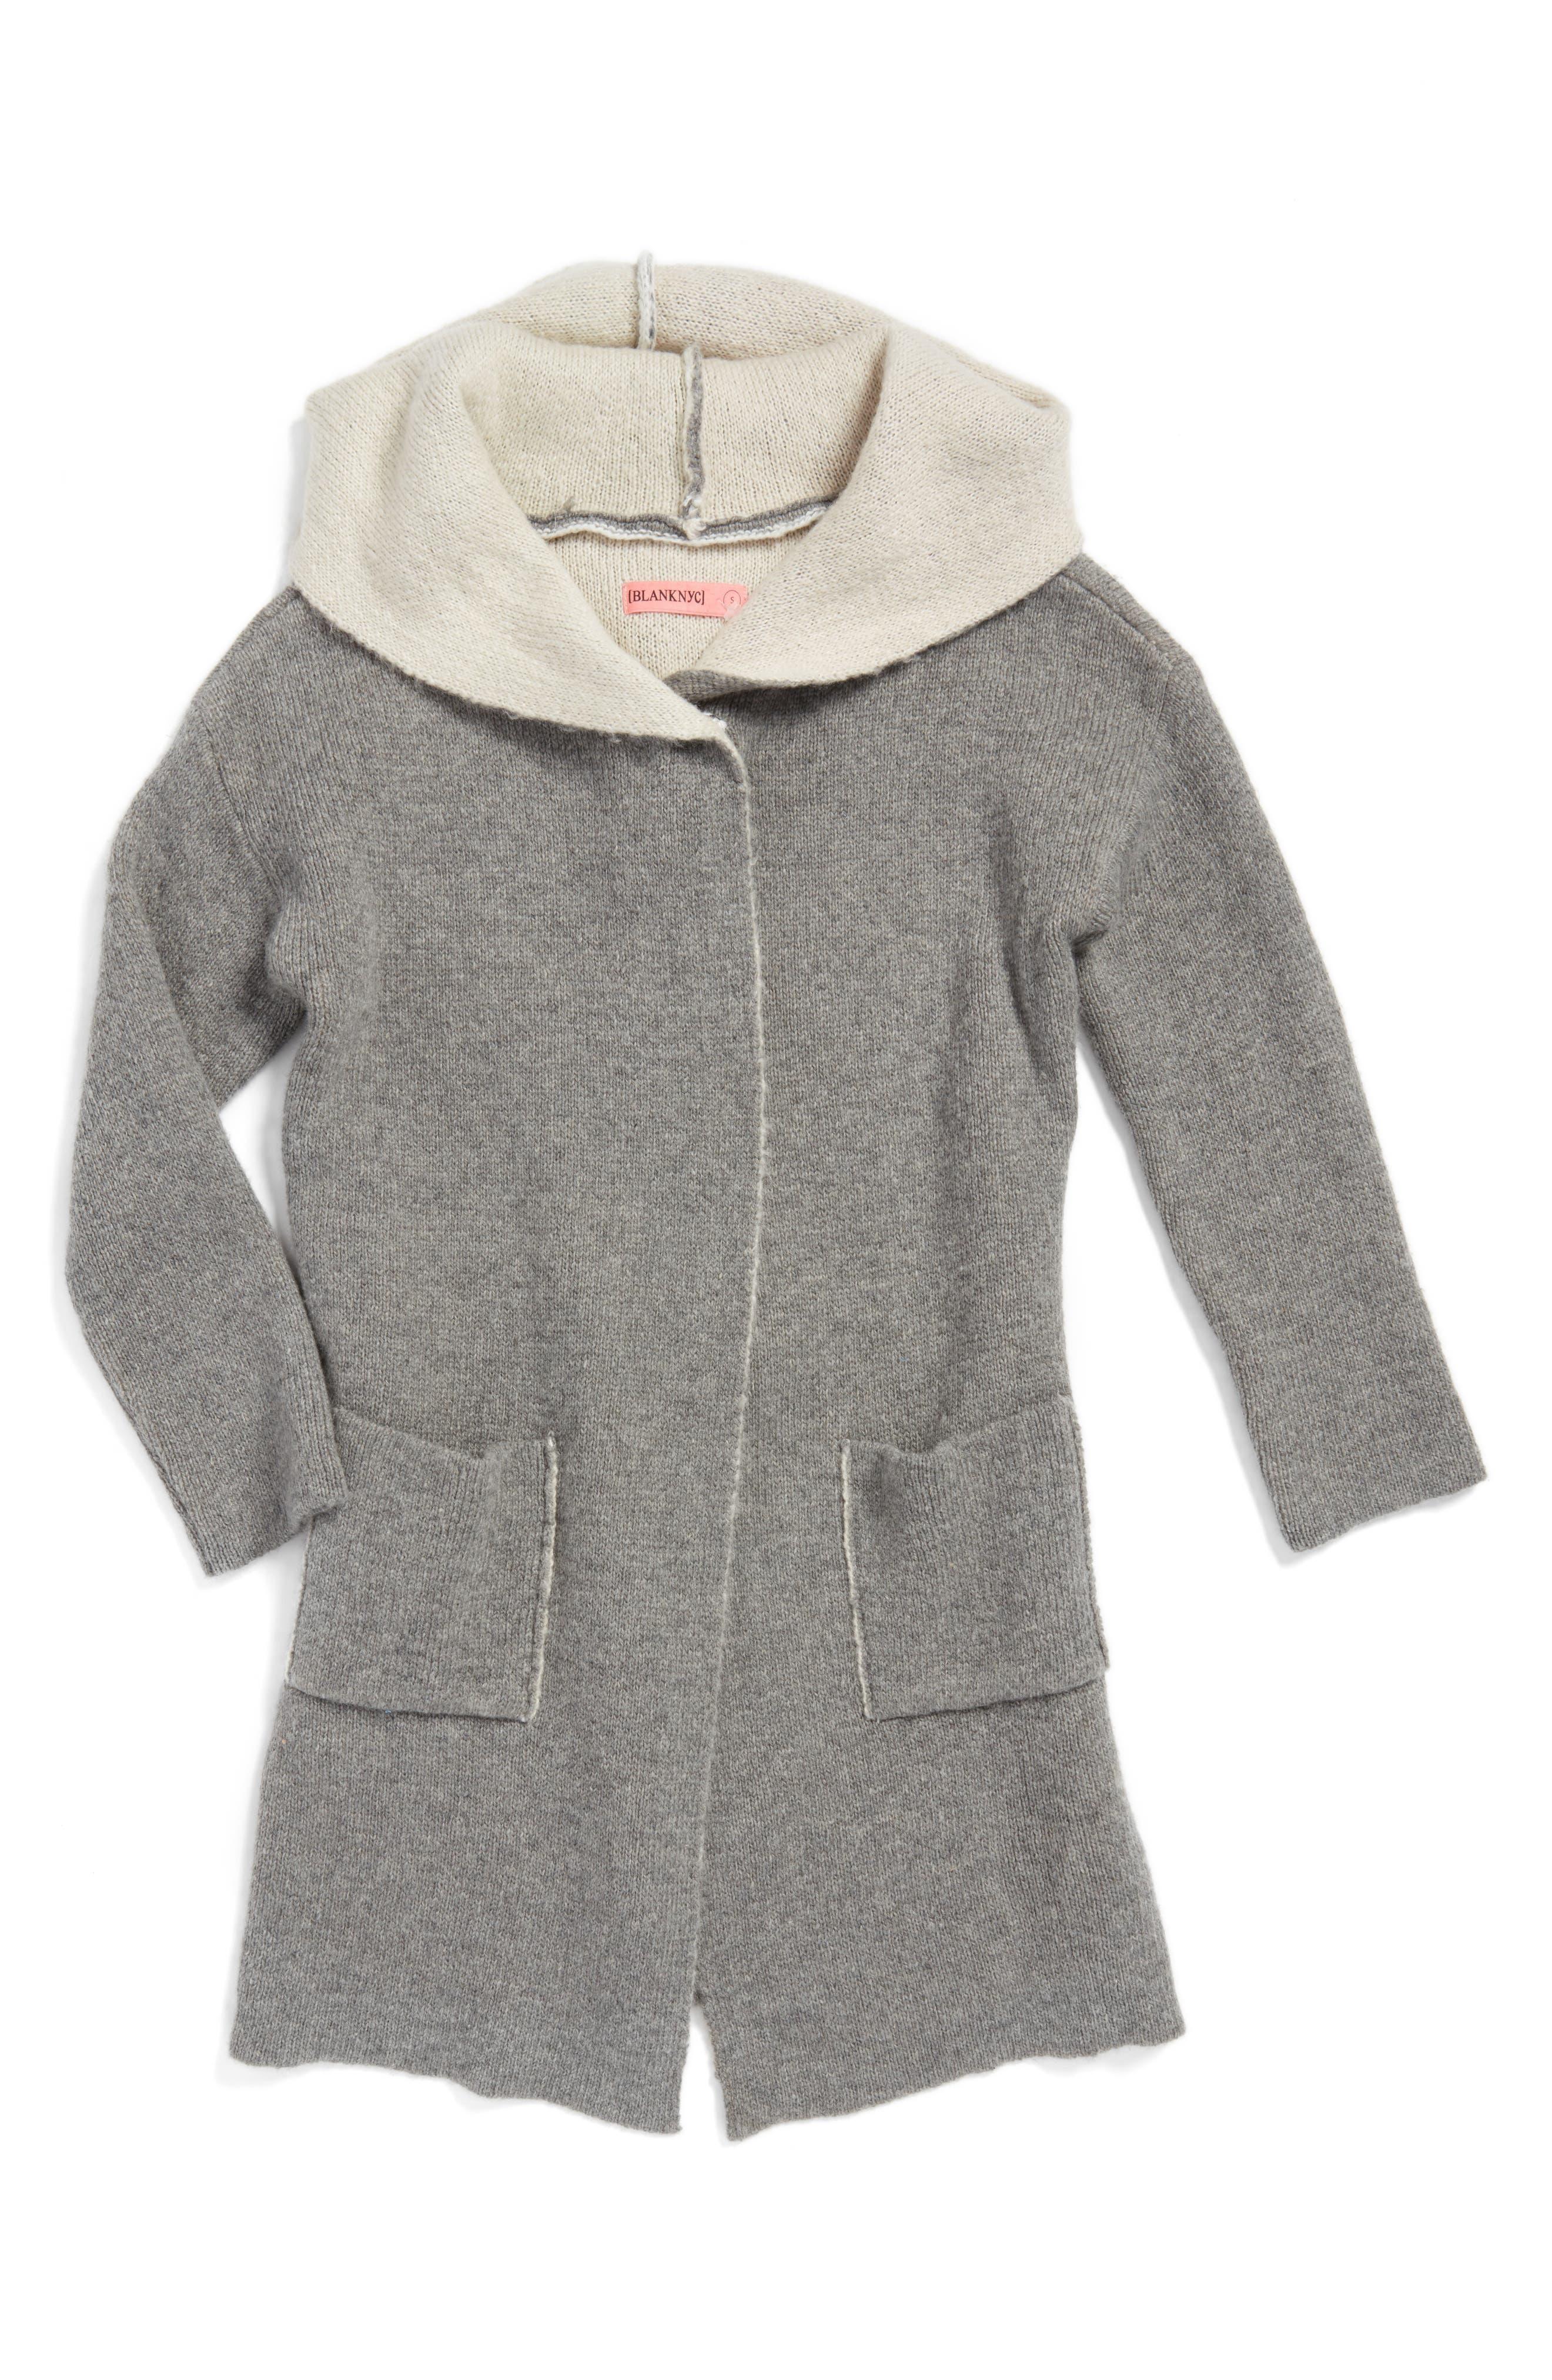 BLANKNYC Hooded Knit Cardigan (Big Girls)